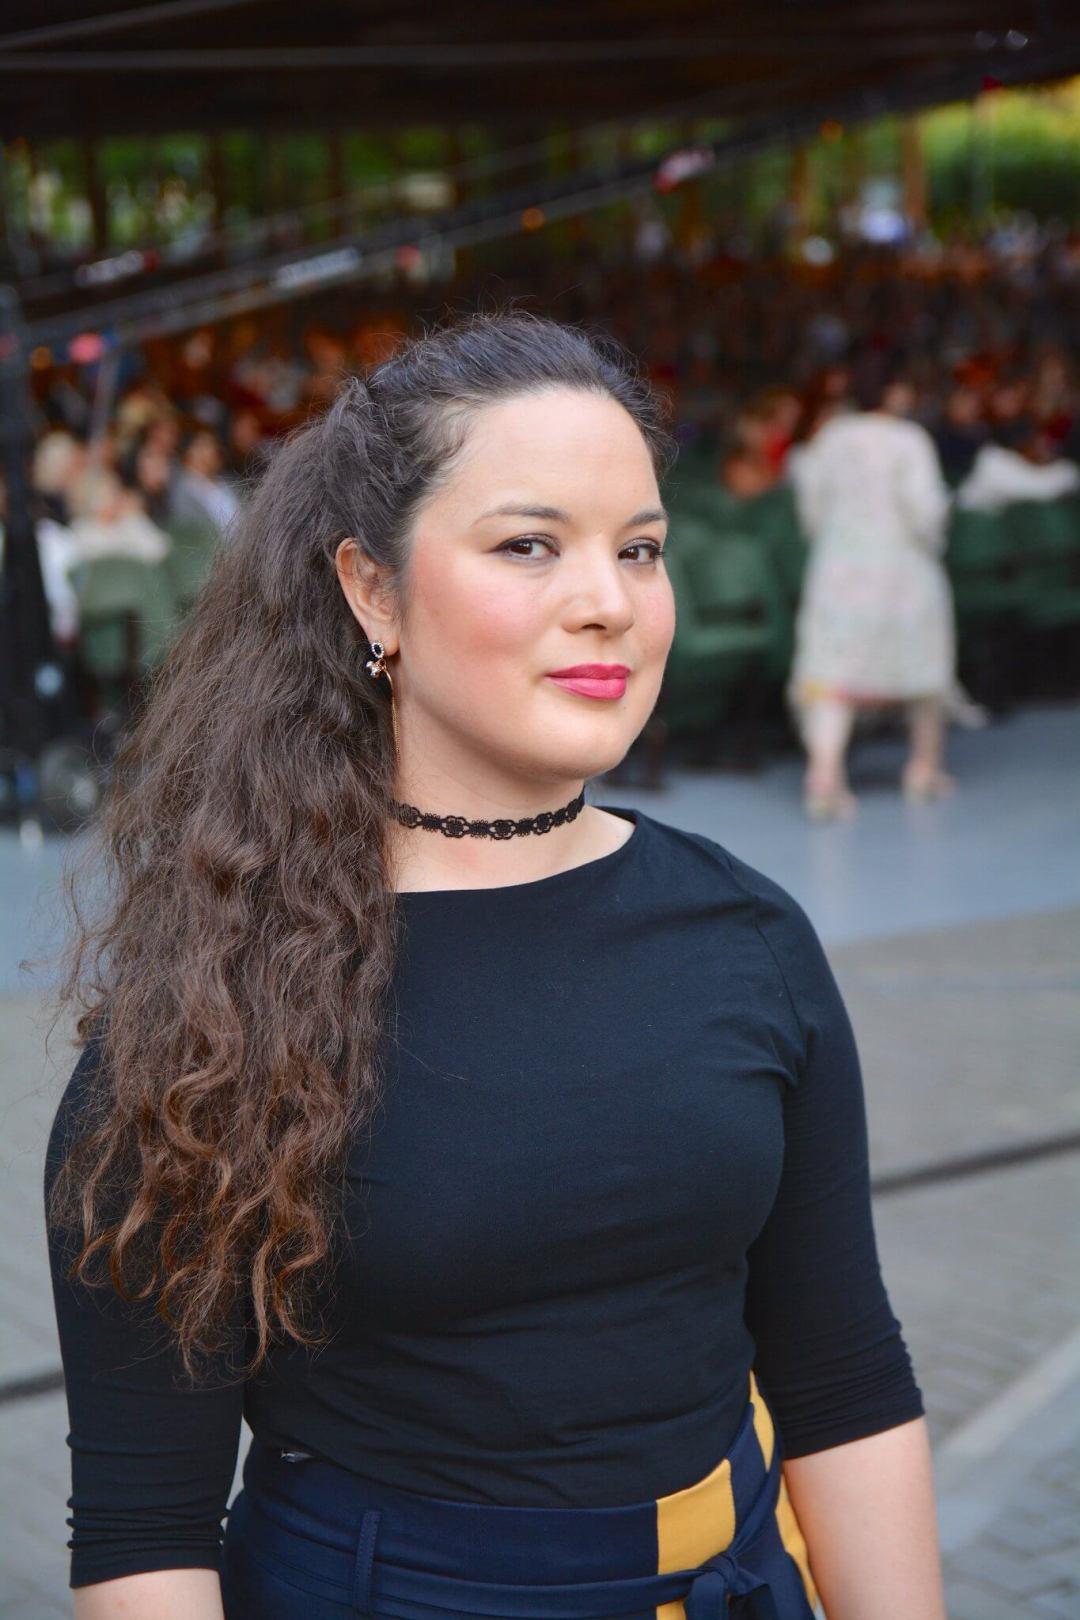 Anette Åkerlund